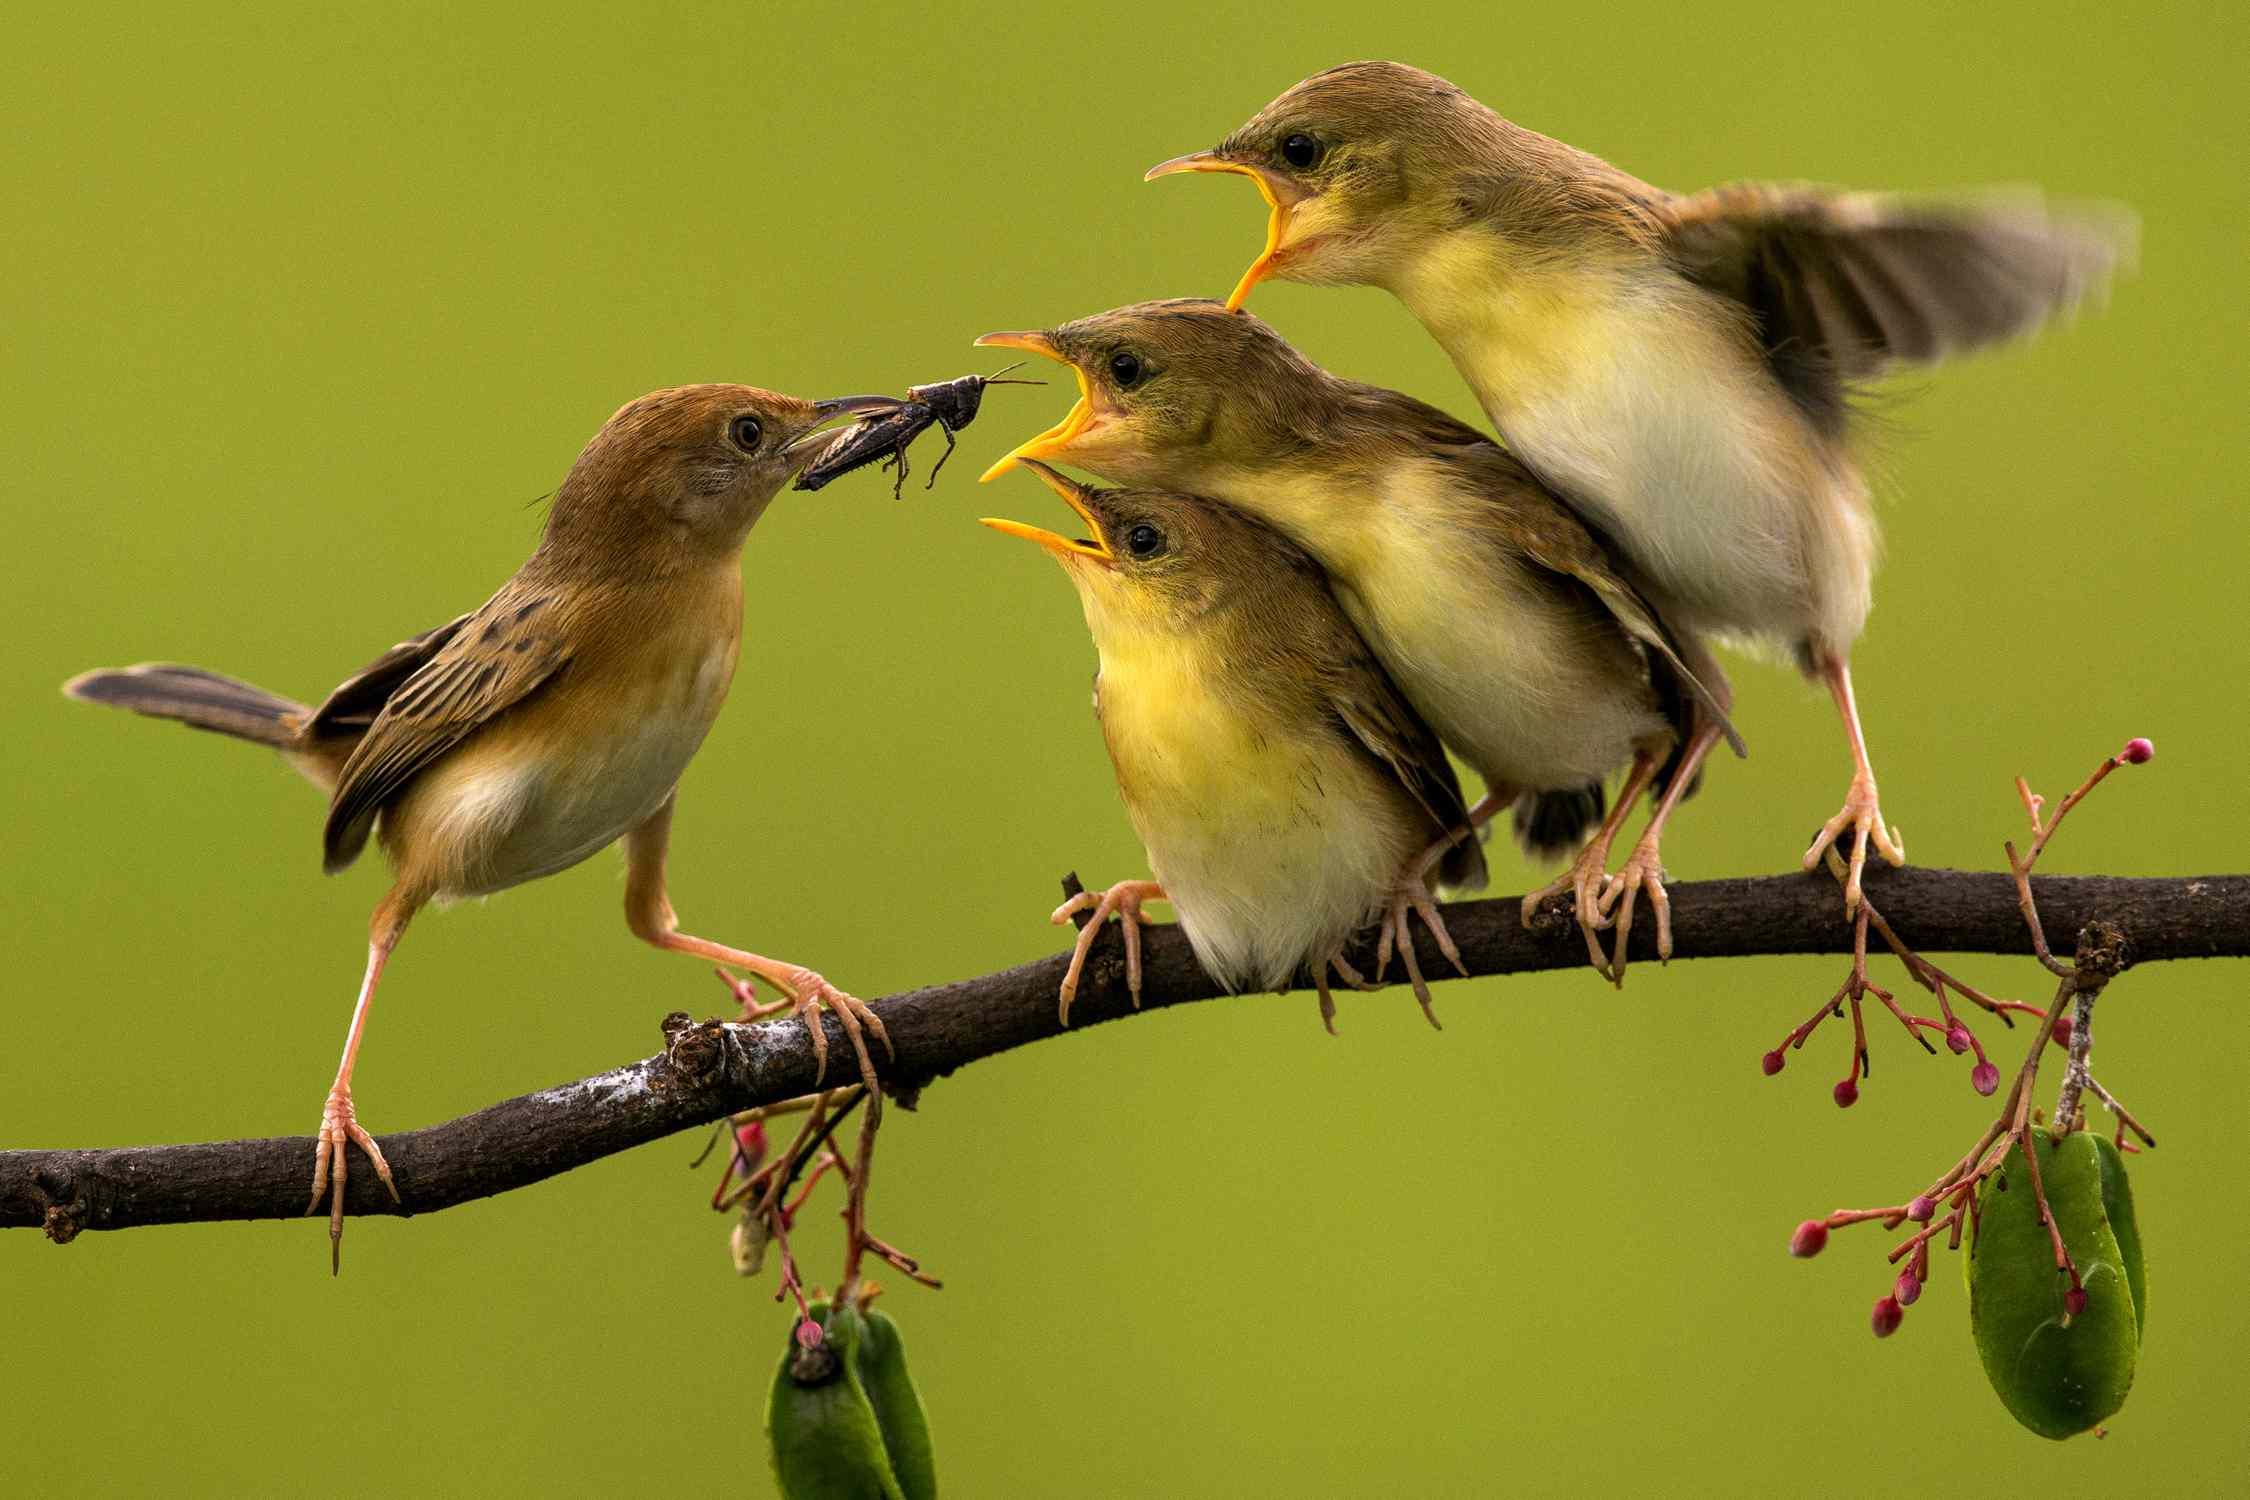 Es gibt vier grundlegende Mechanismen, durch die die biologische Evolution stattfindet.  Dazu gehören Mutation, Migration, genetische Drift und natürliche Selektion.